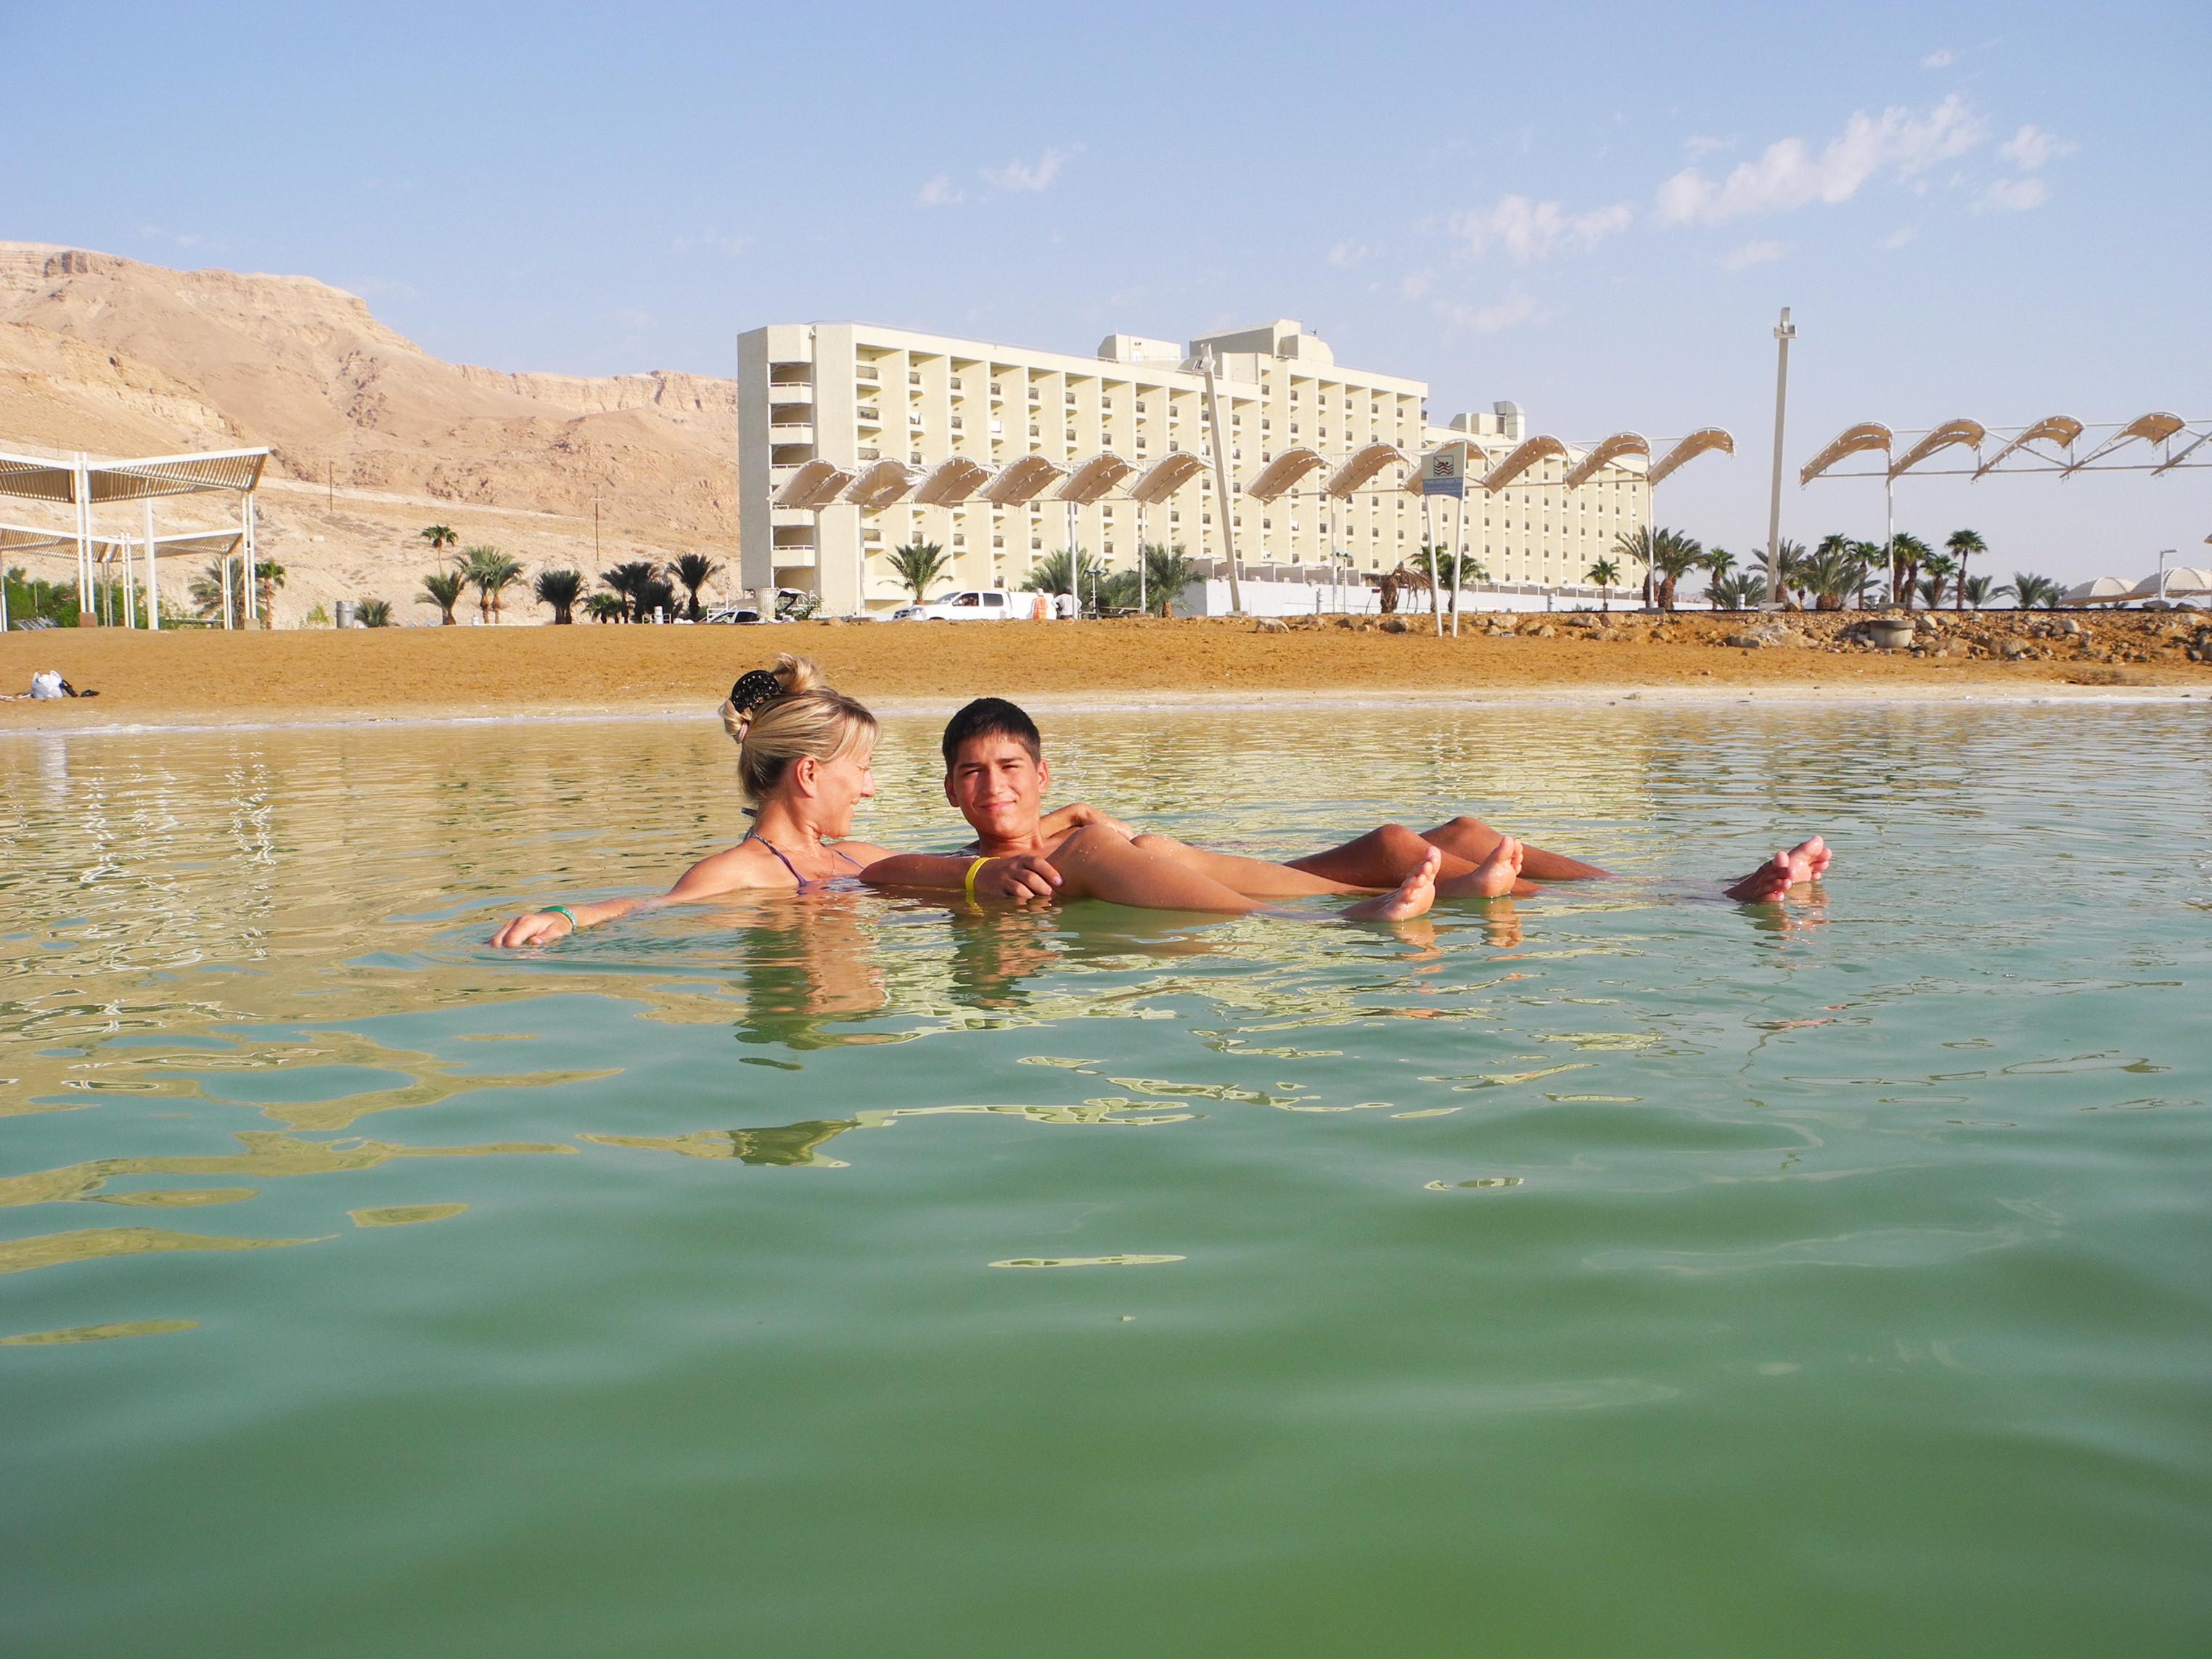 Masada, The Dead Sea, Ein Gedi